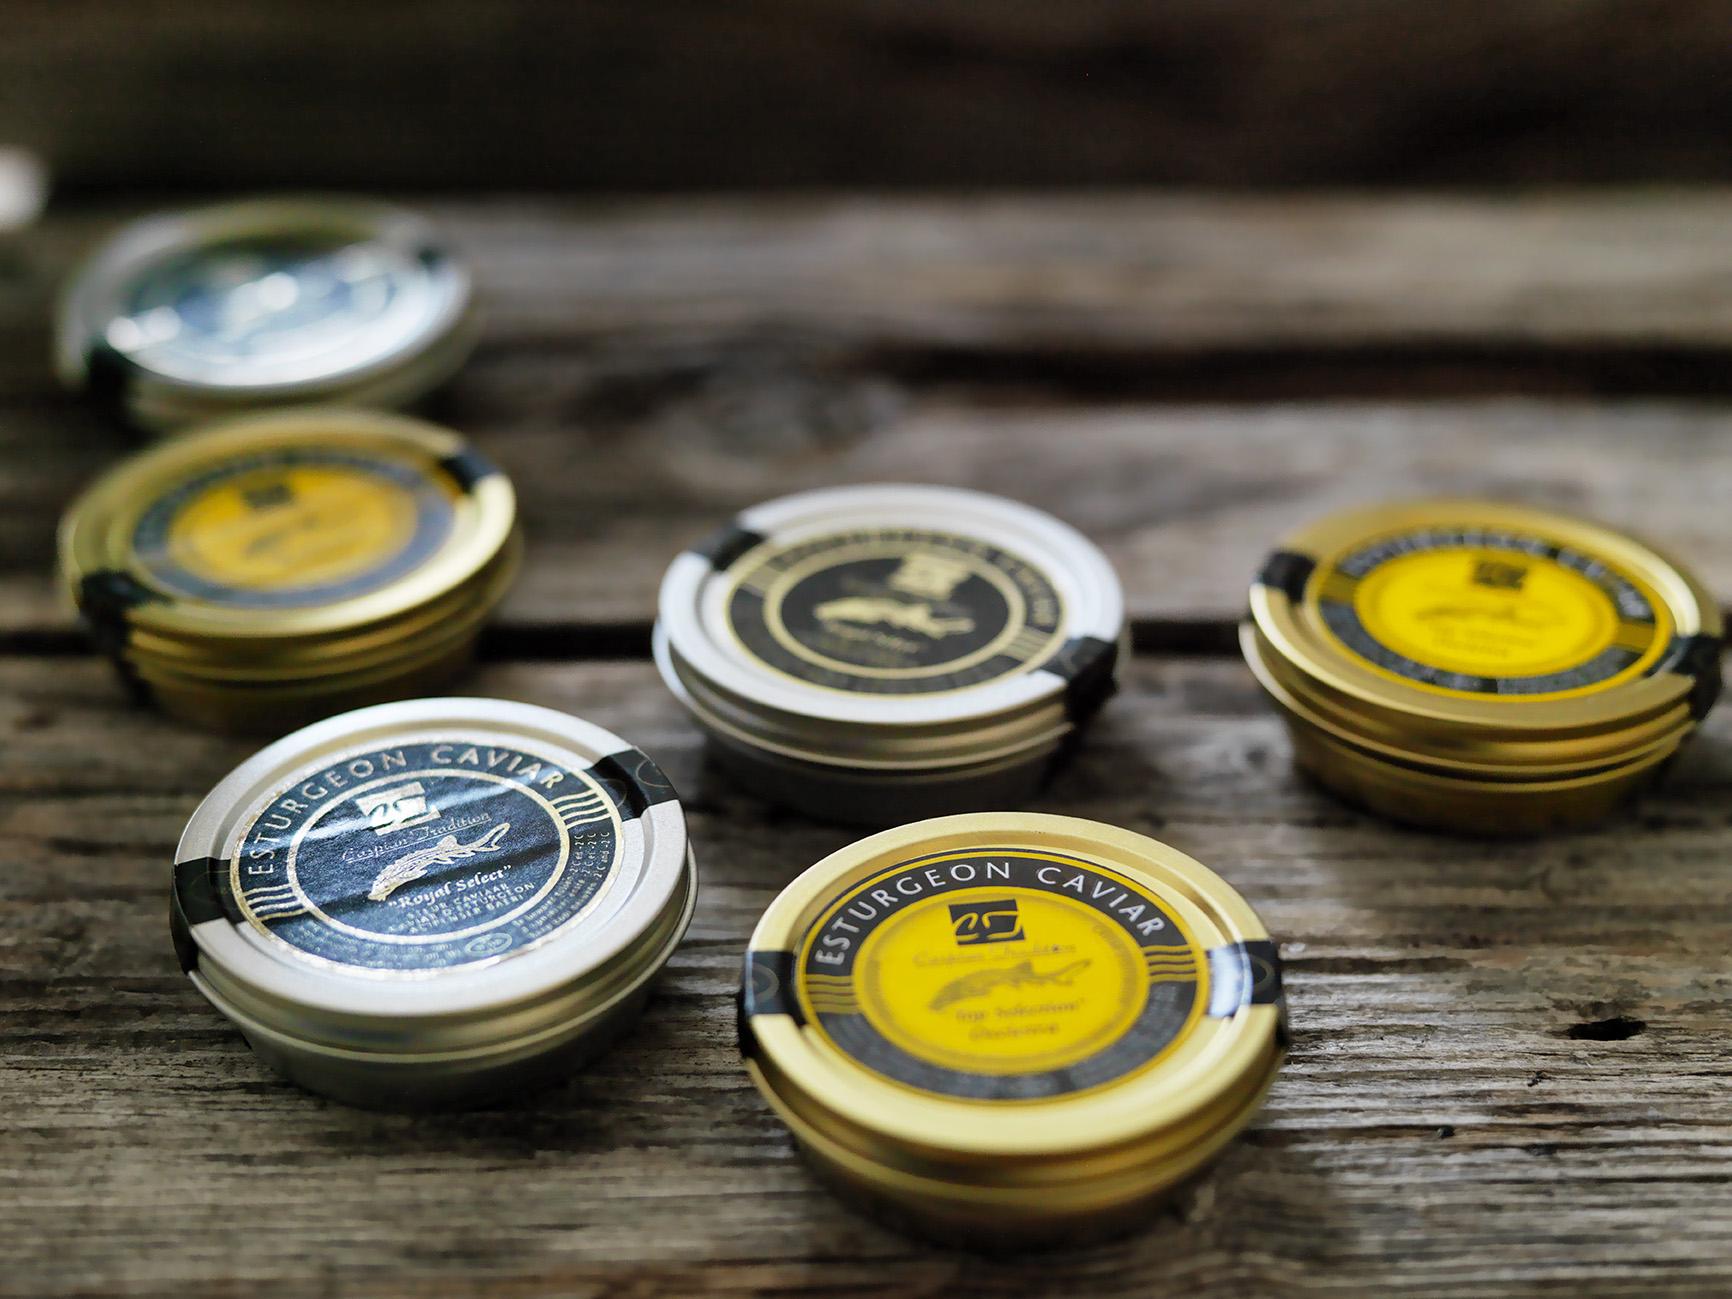 Fjelberg Fisk & Vilt. Caviar